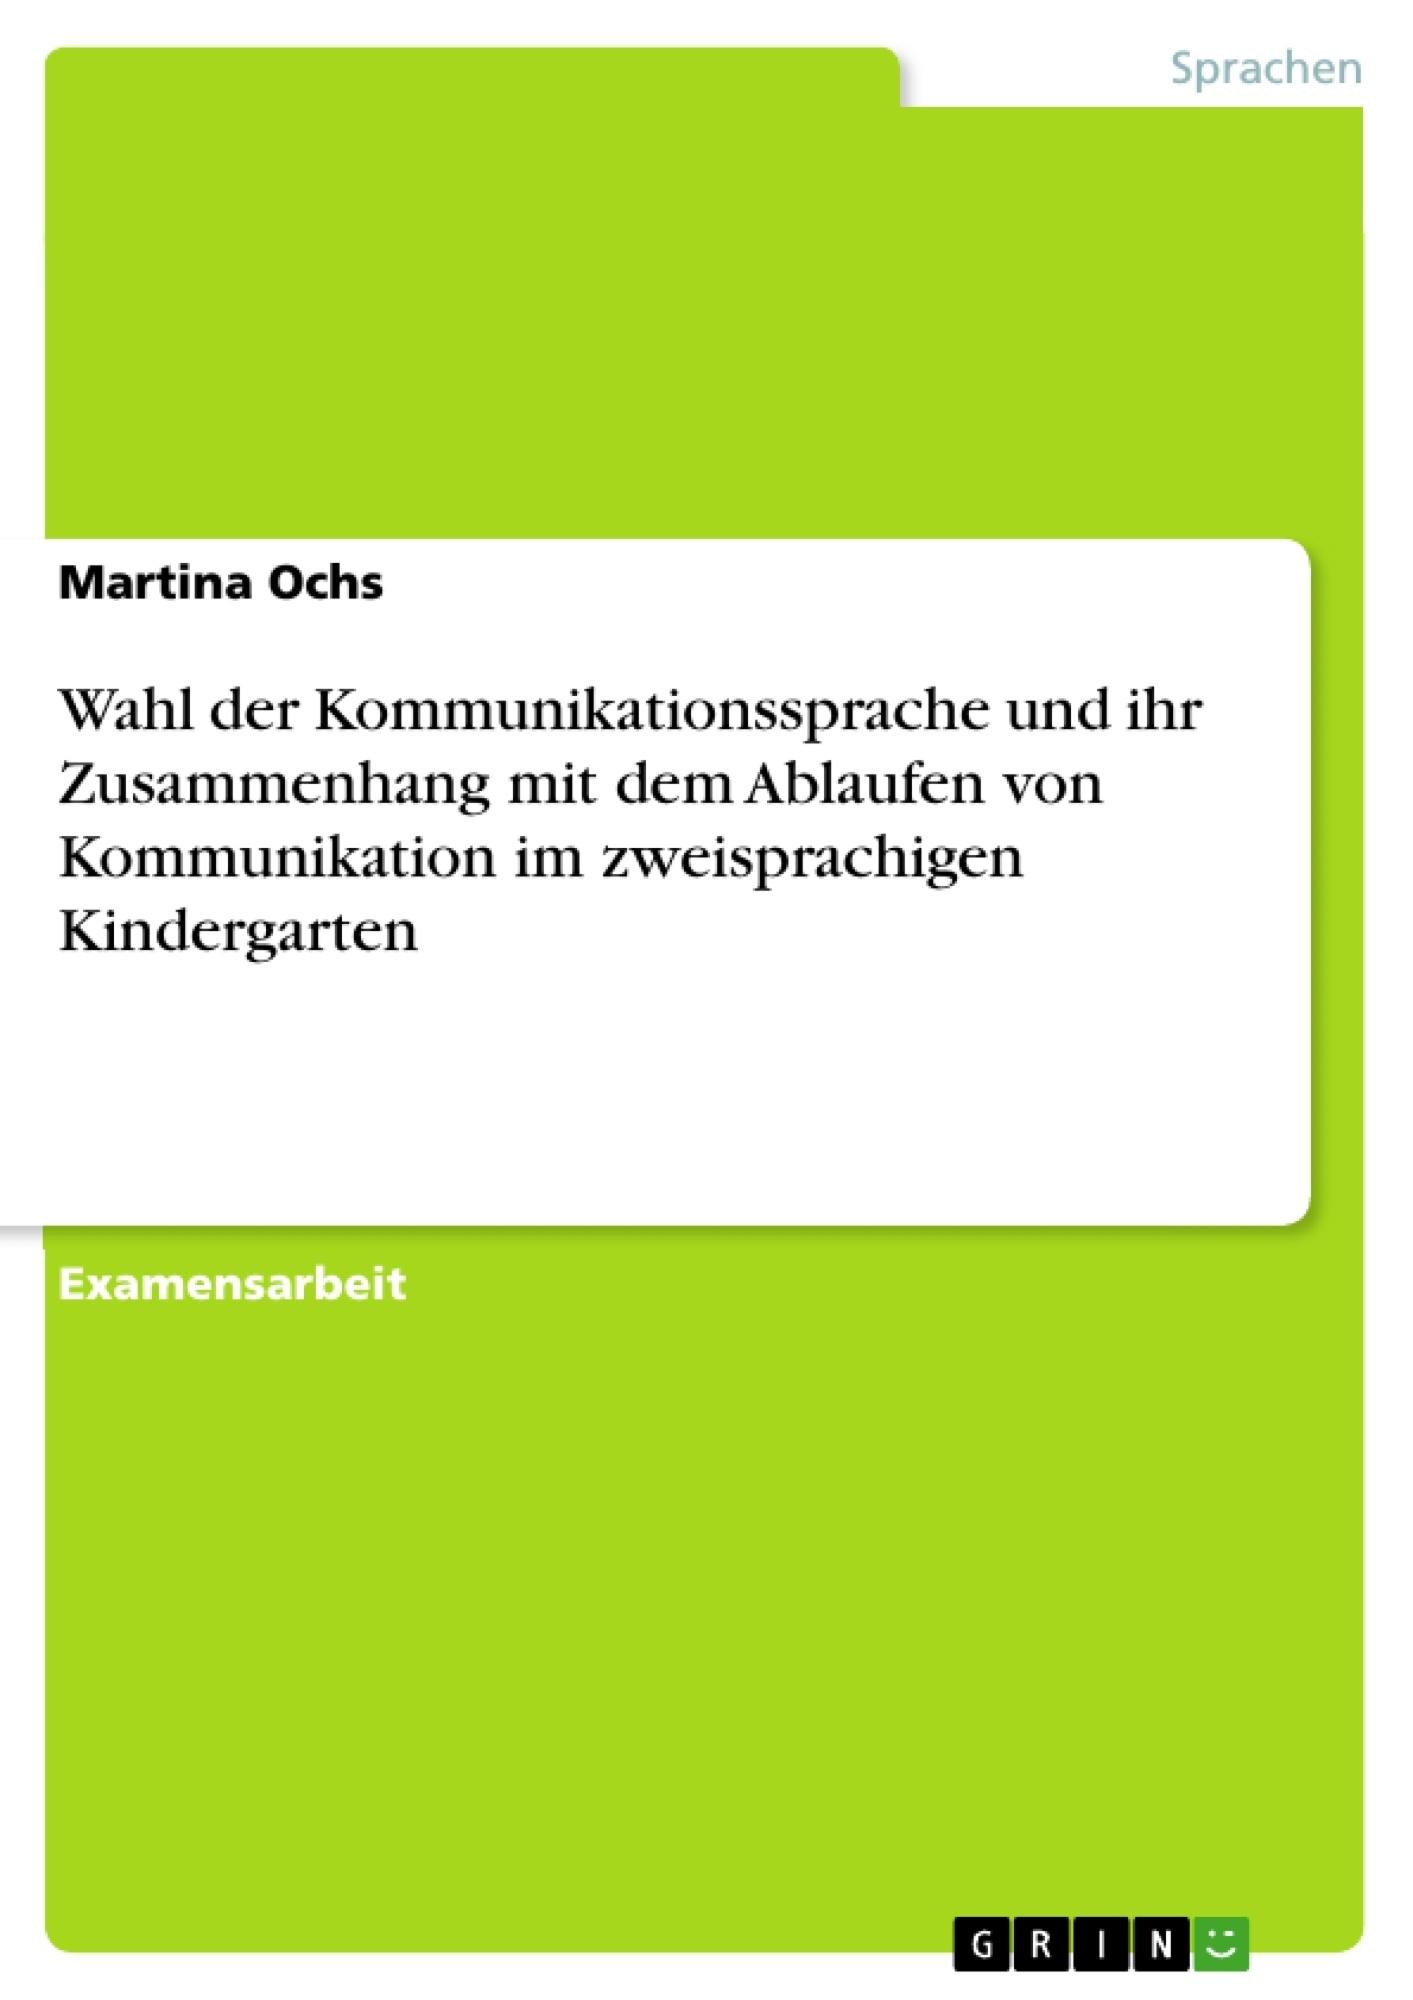 Titel: Wahl der Kommunikationssprache und ihr Zusammenhang mit dem Ablaufen von Kommunikation im zweisprachigen Kindergarten